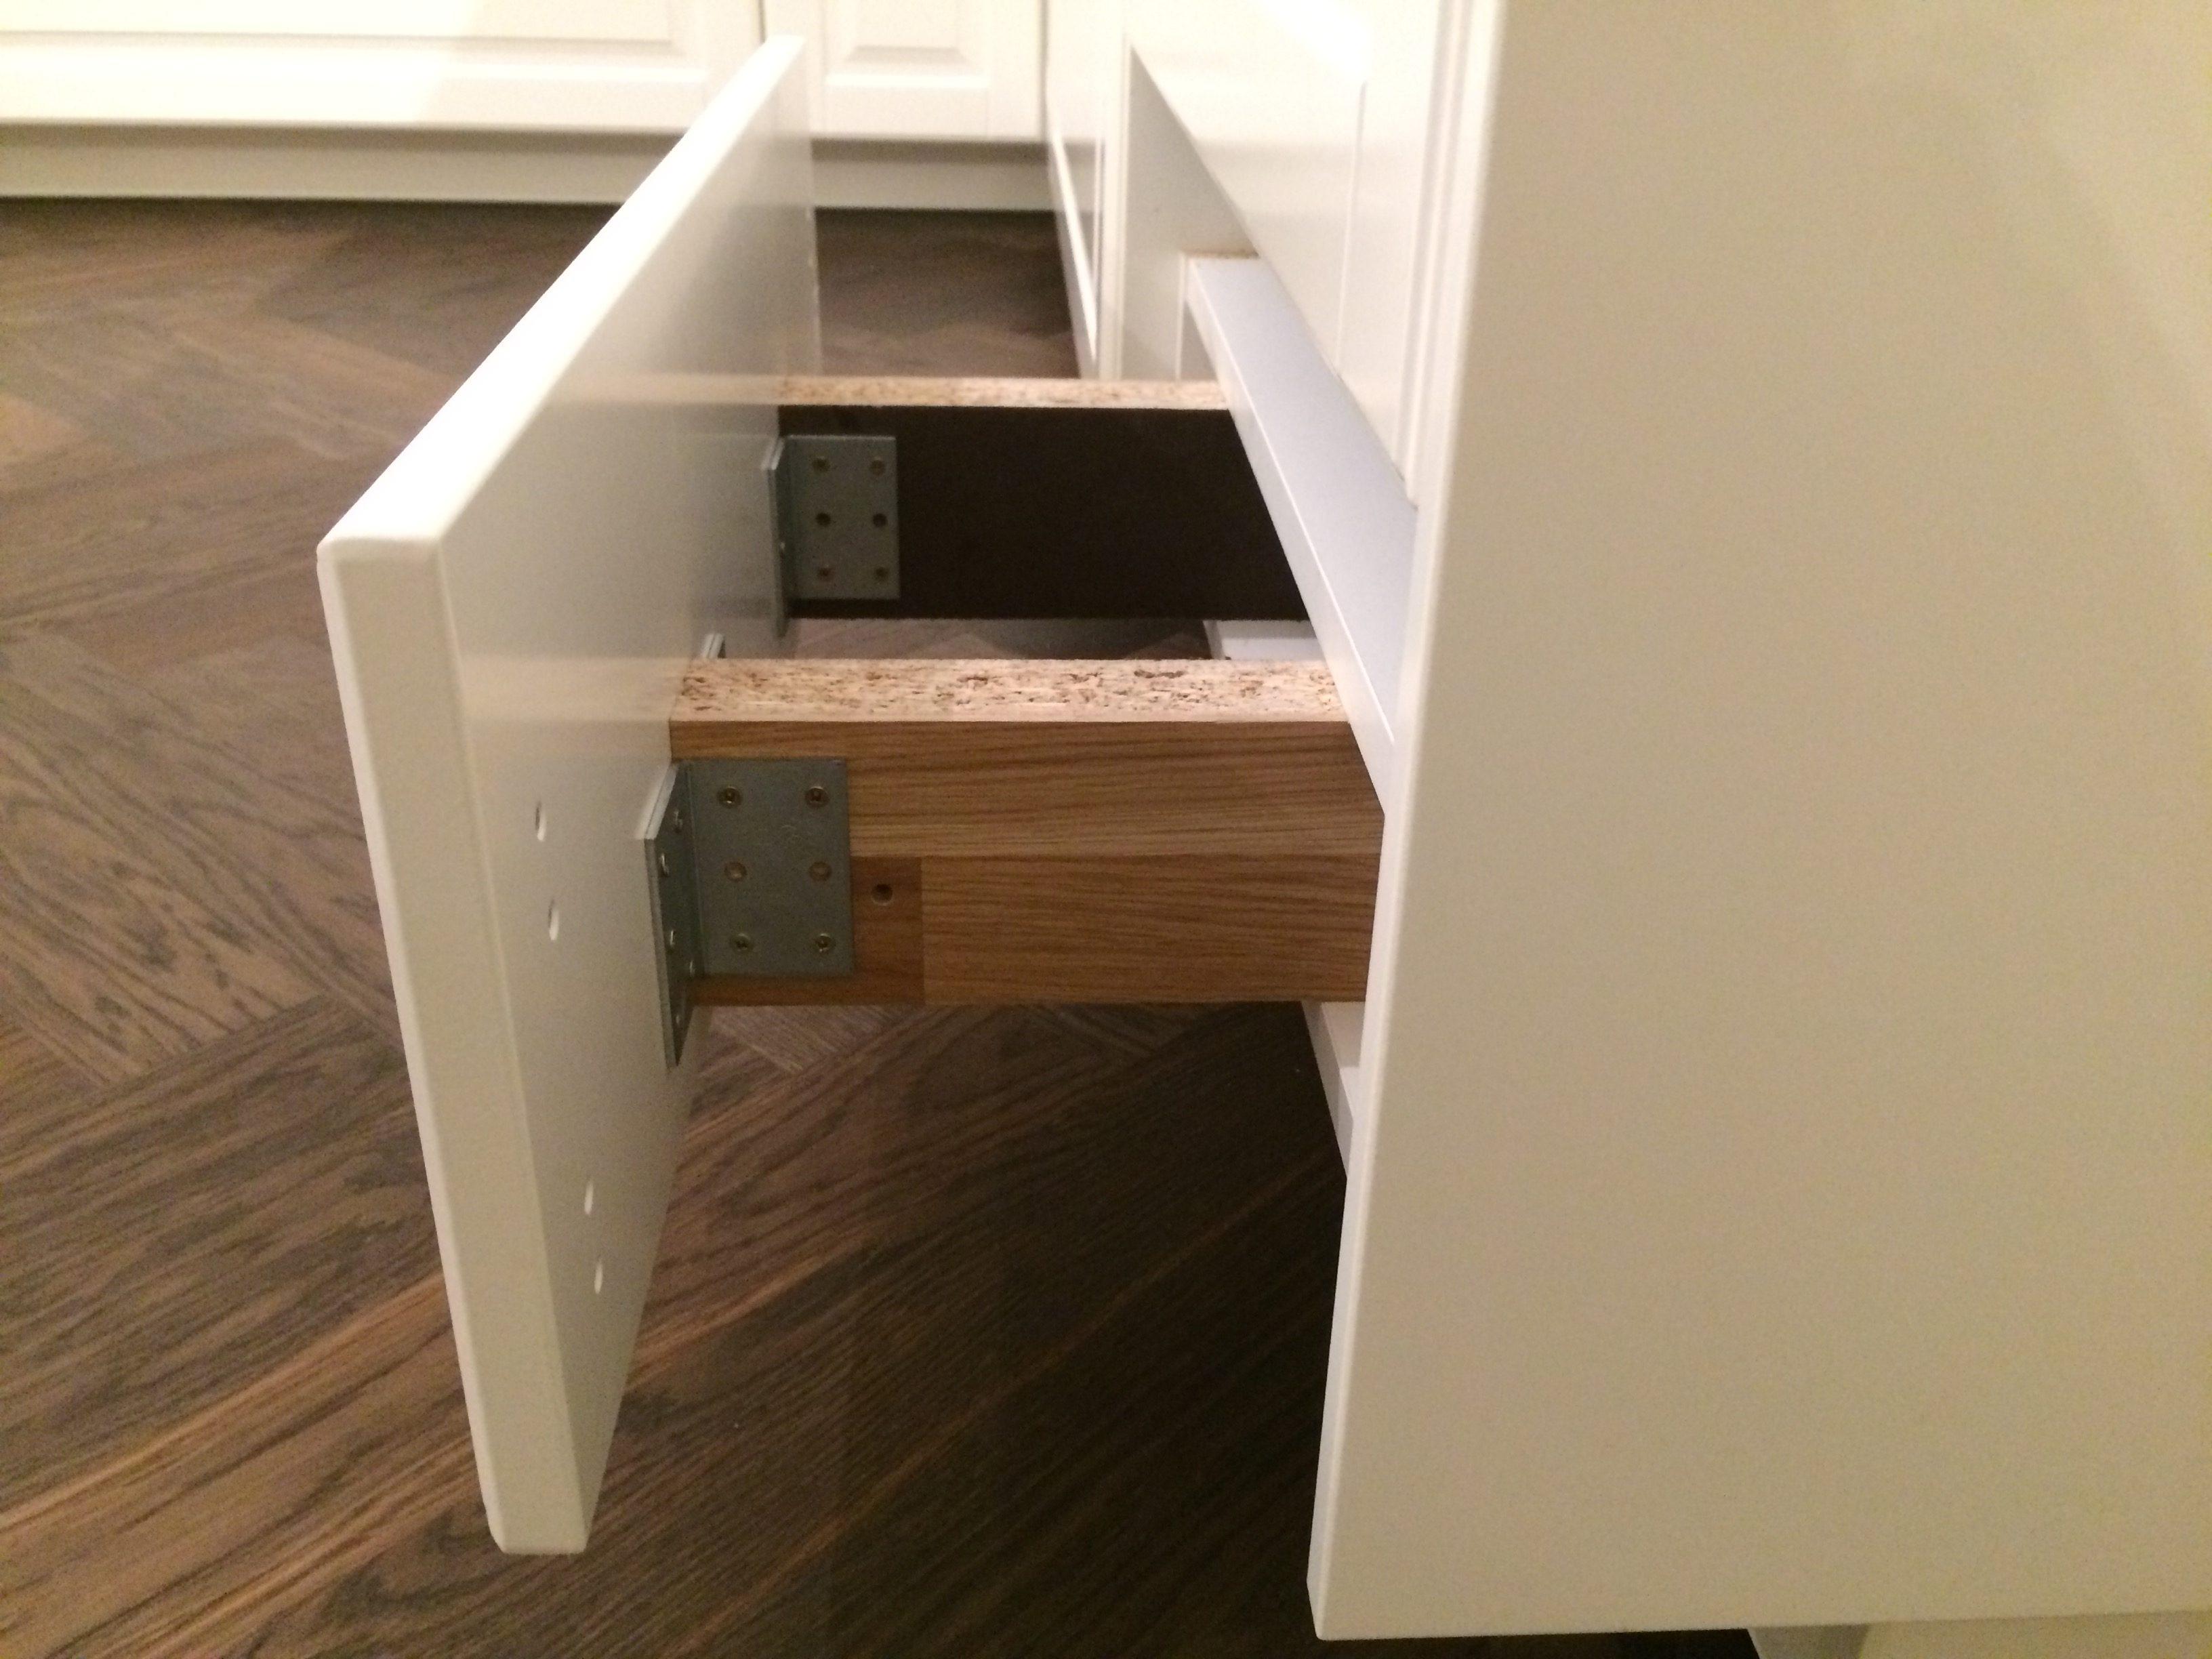 ikea k che in bodbyn elfenbeinwei unser holzhaus. Black Bedroom Furniture Sets. Home Design Ideas